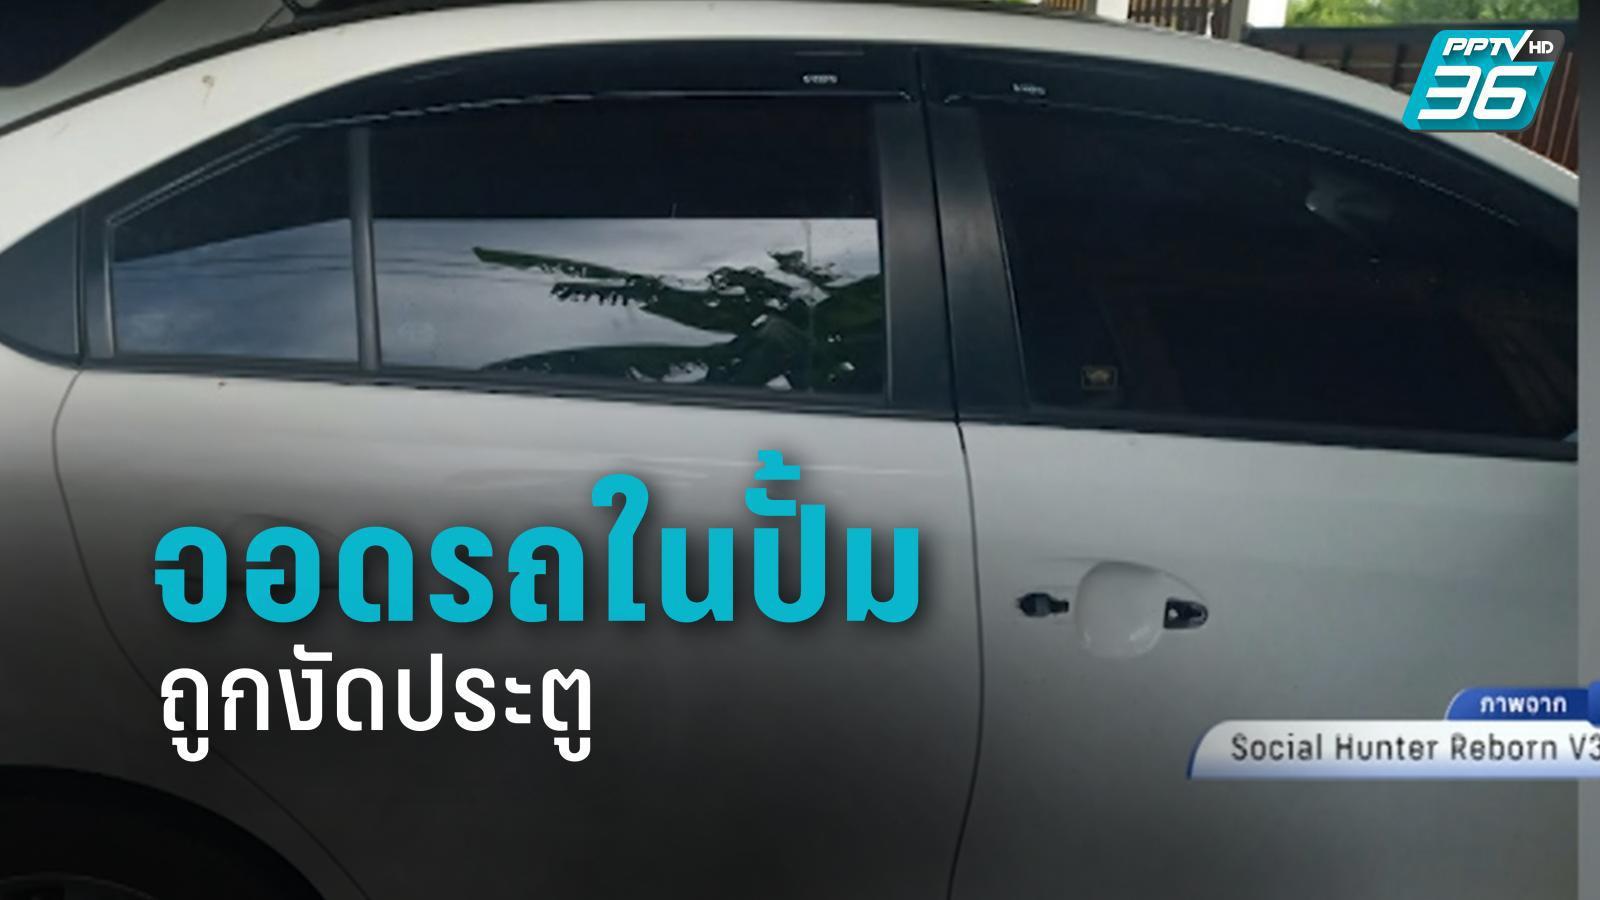 จอดรถในปั้มน้ำมัน ถูกโจรงัดประตูหวังขโมยรถ